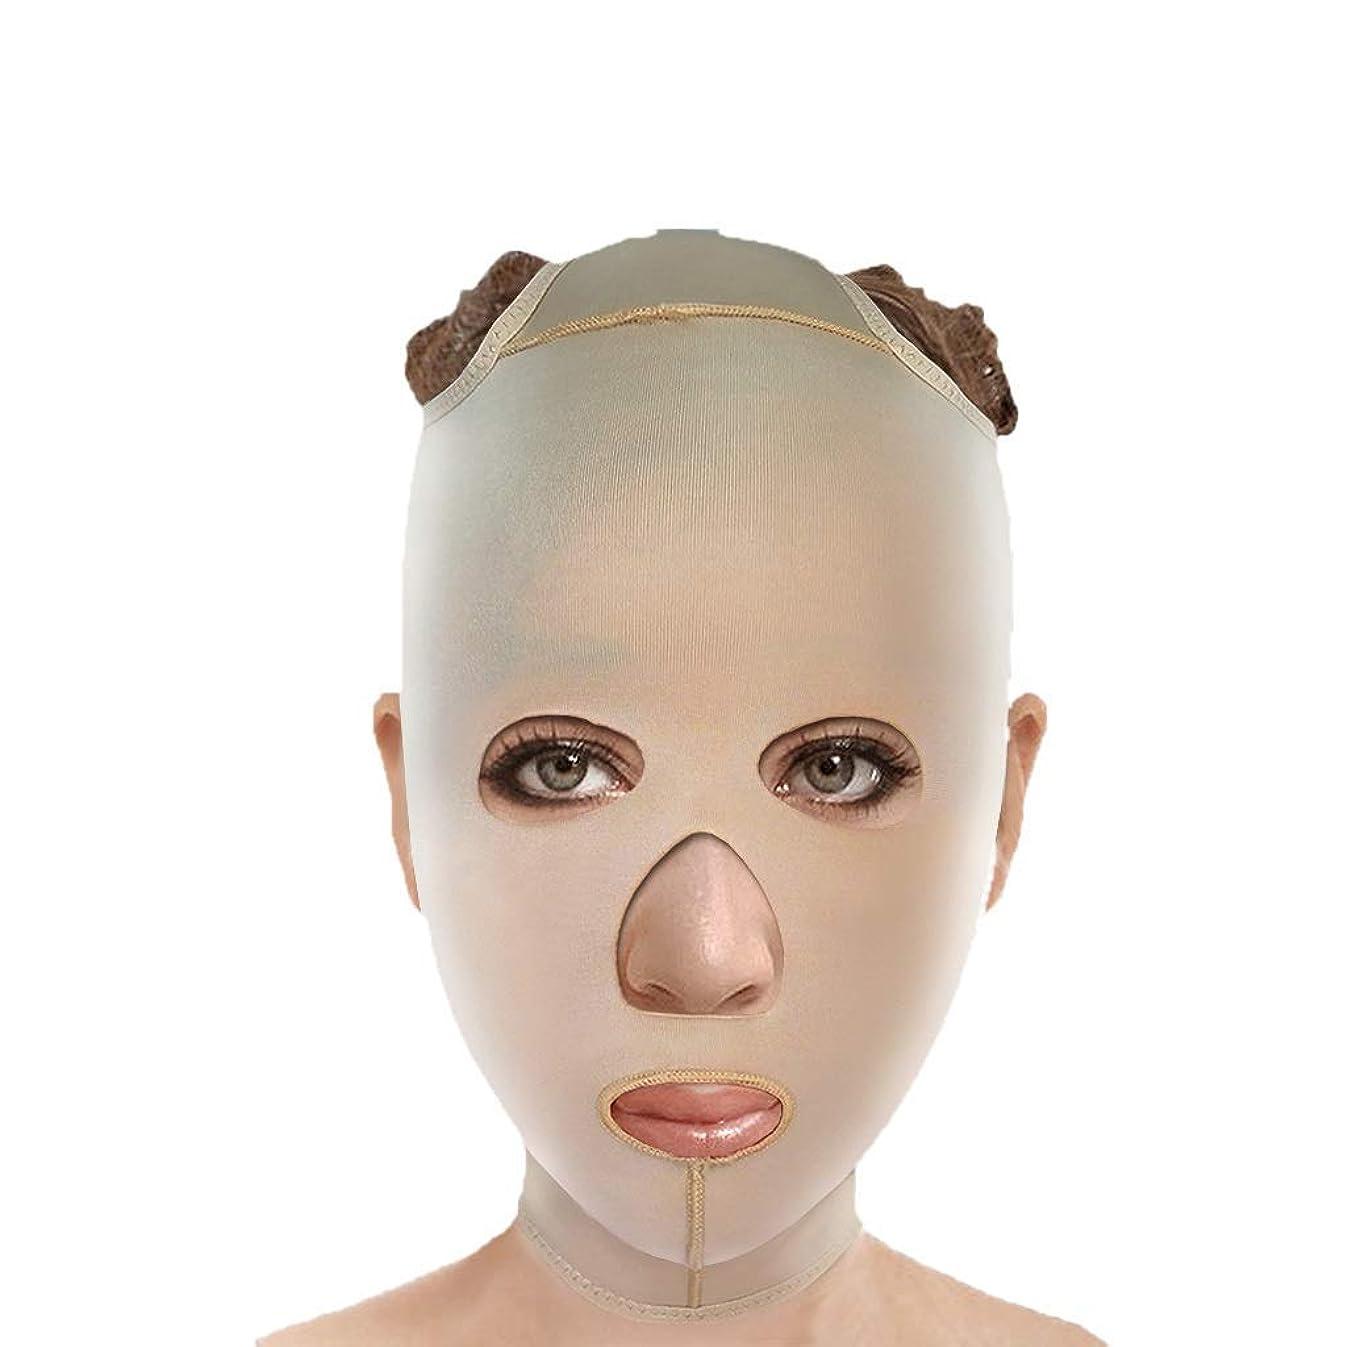 動機メタルライン町チンストラップ、フェイスリフティング、アンチエイジングフェイシャル包帯、フェイシャル減量マスク、ファーミングマスク、フェイシャルリフティングアーティファクト(サイズ:S),M